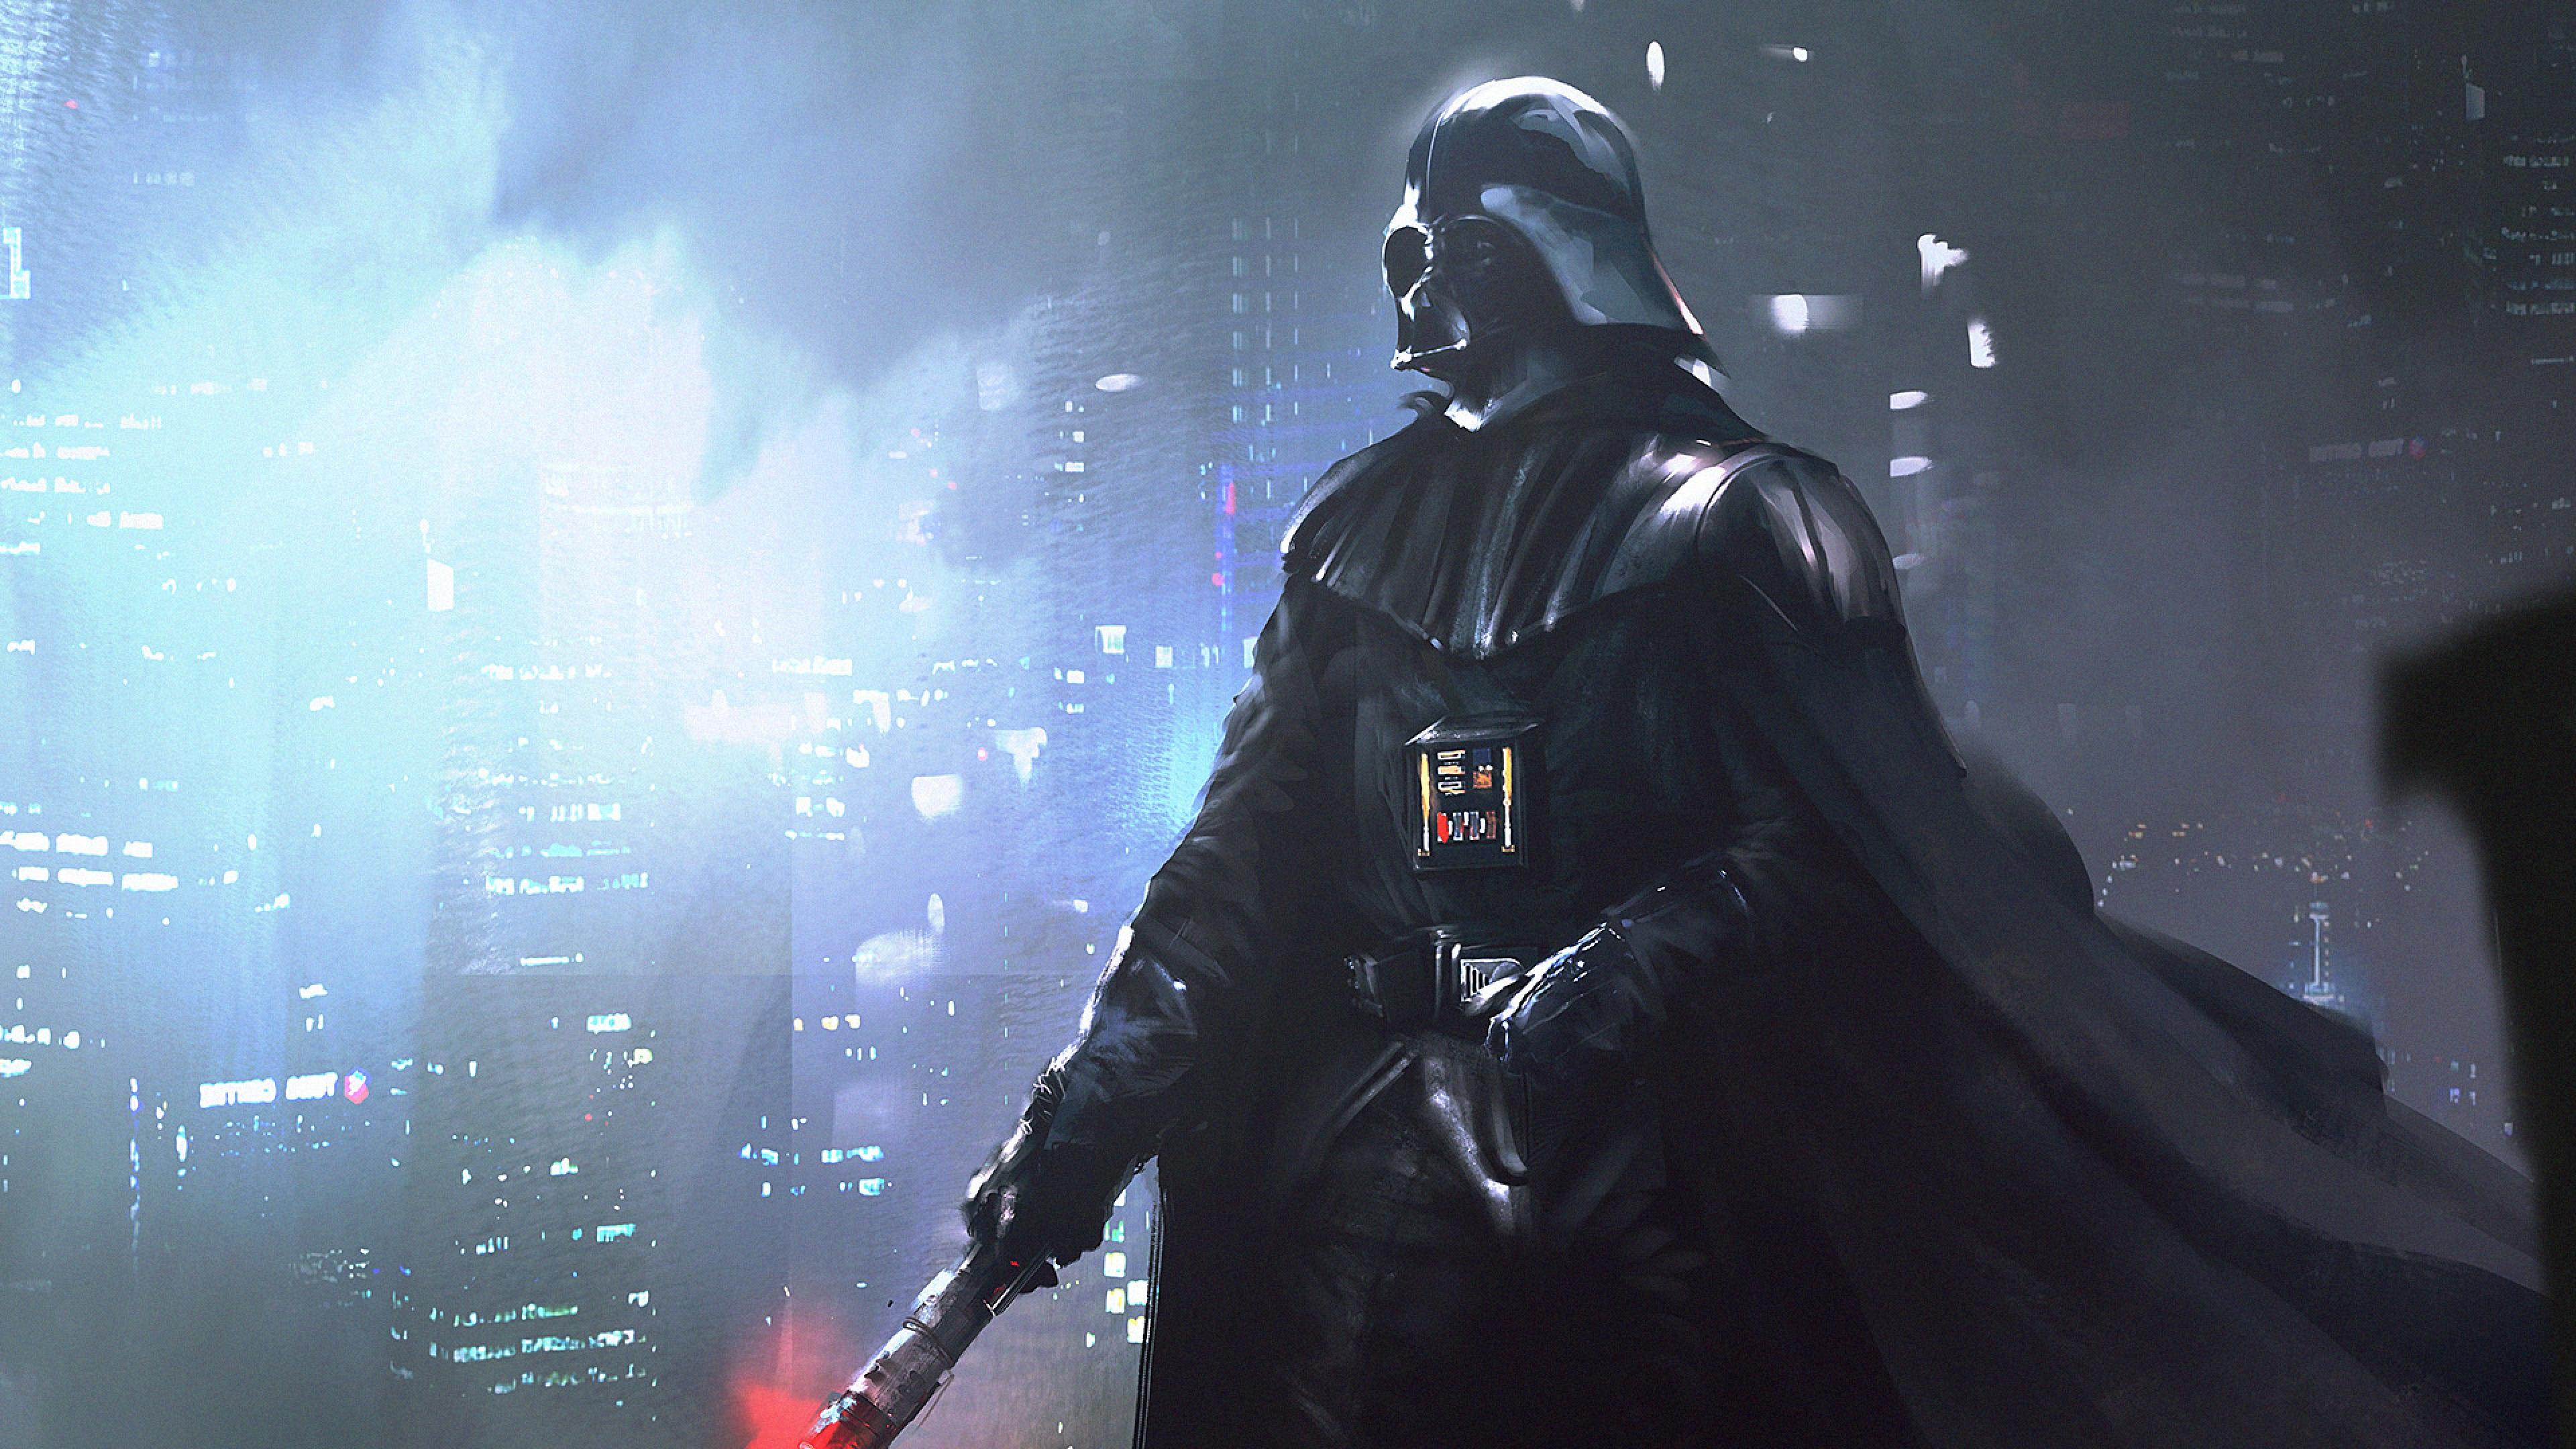 star wars darth vader anakin skywalker 3840x2160